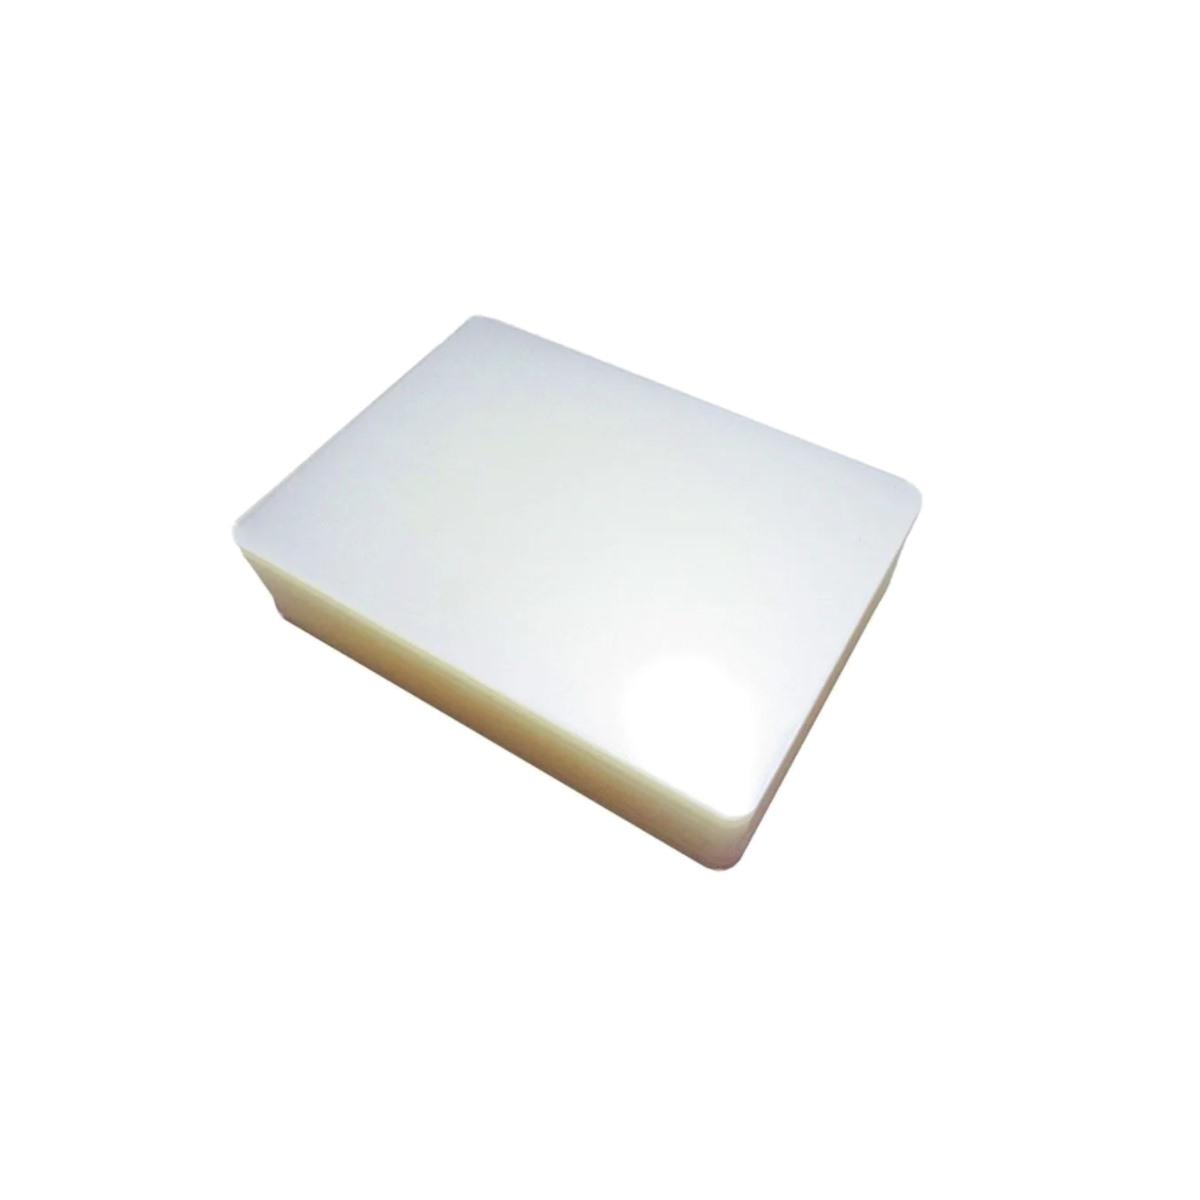 Polaseal plástico para plastificação A3 303x426 0,07mm 100un